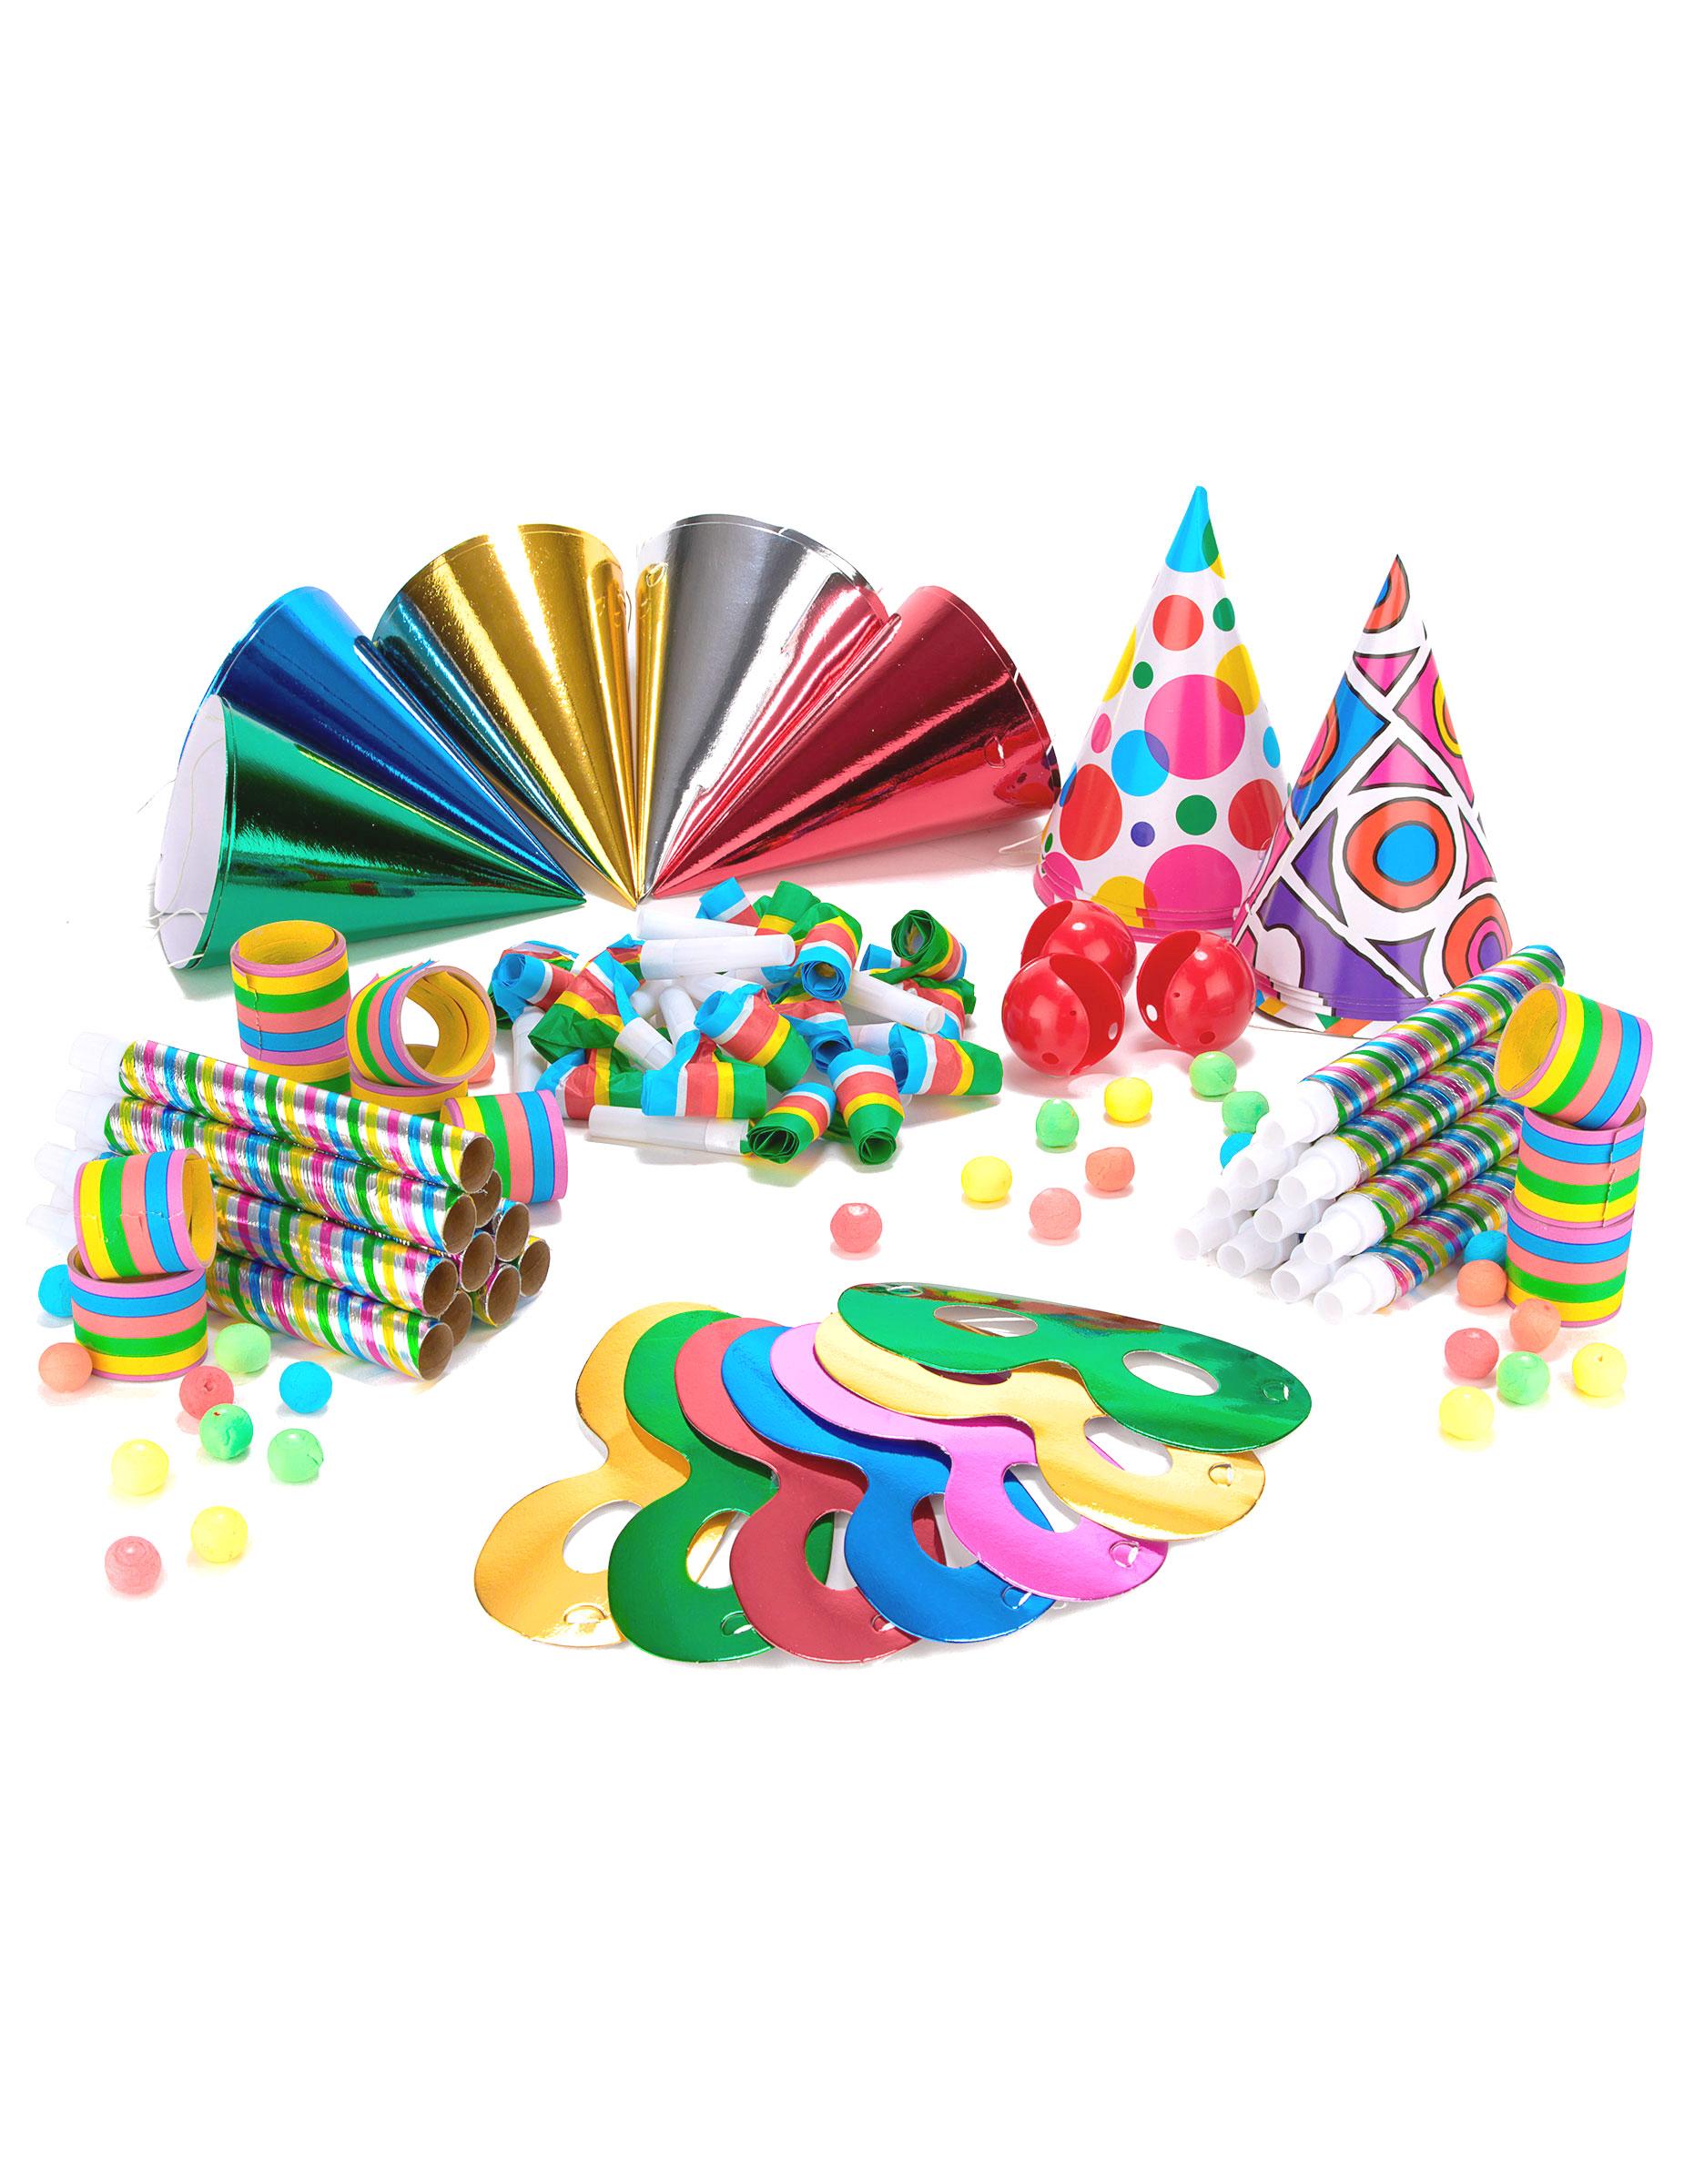 Kit cotillons multicolores 20 personnes deguise toi achat de decoration animation - Image cotillons fete ...